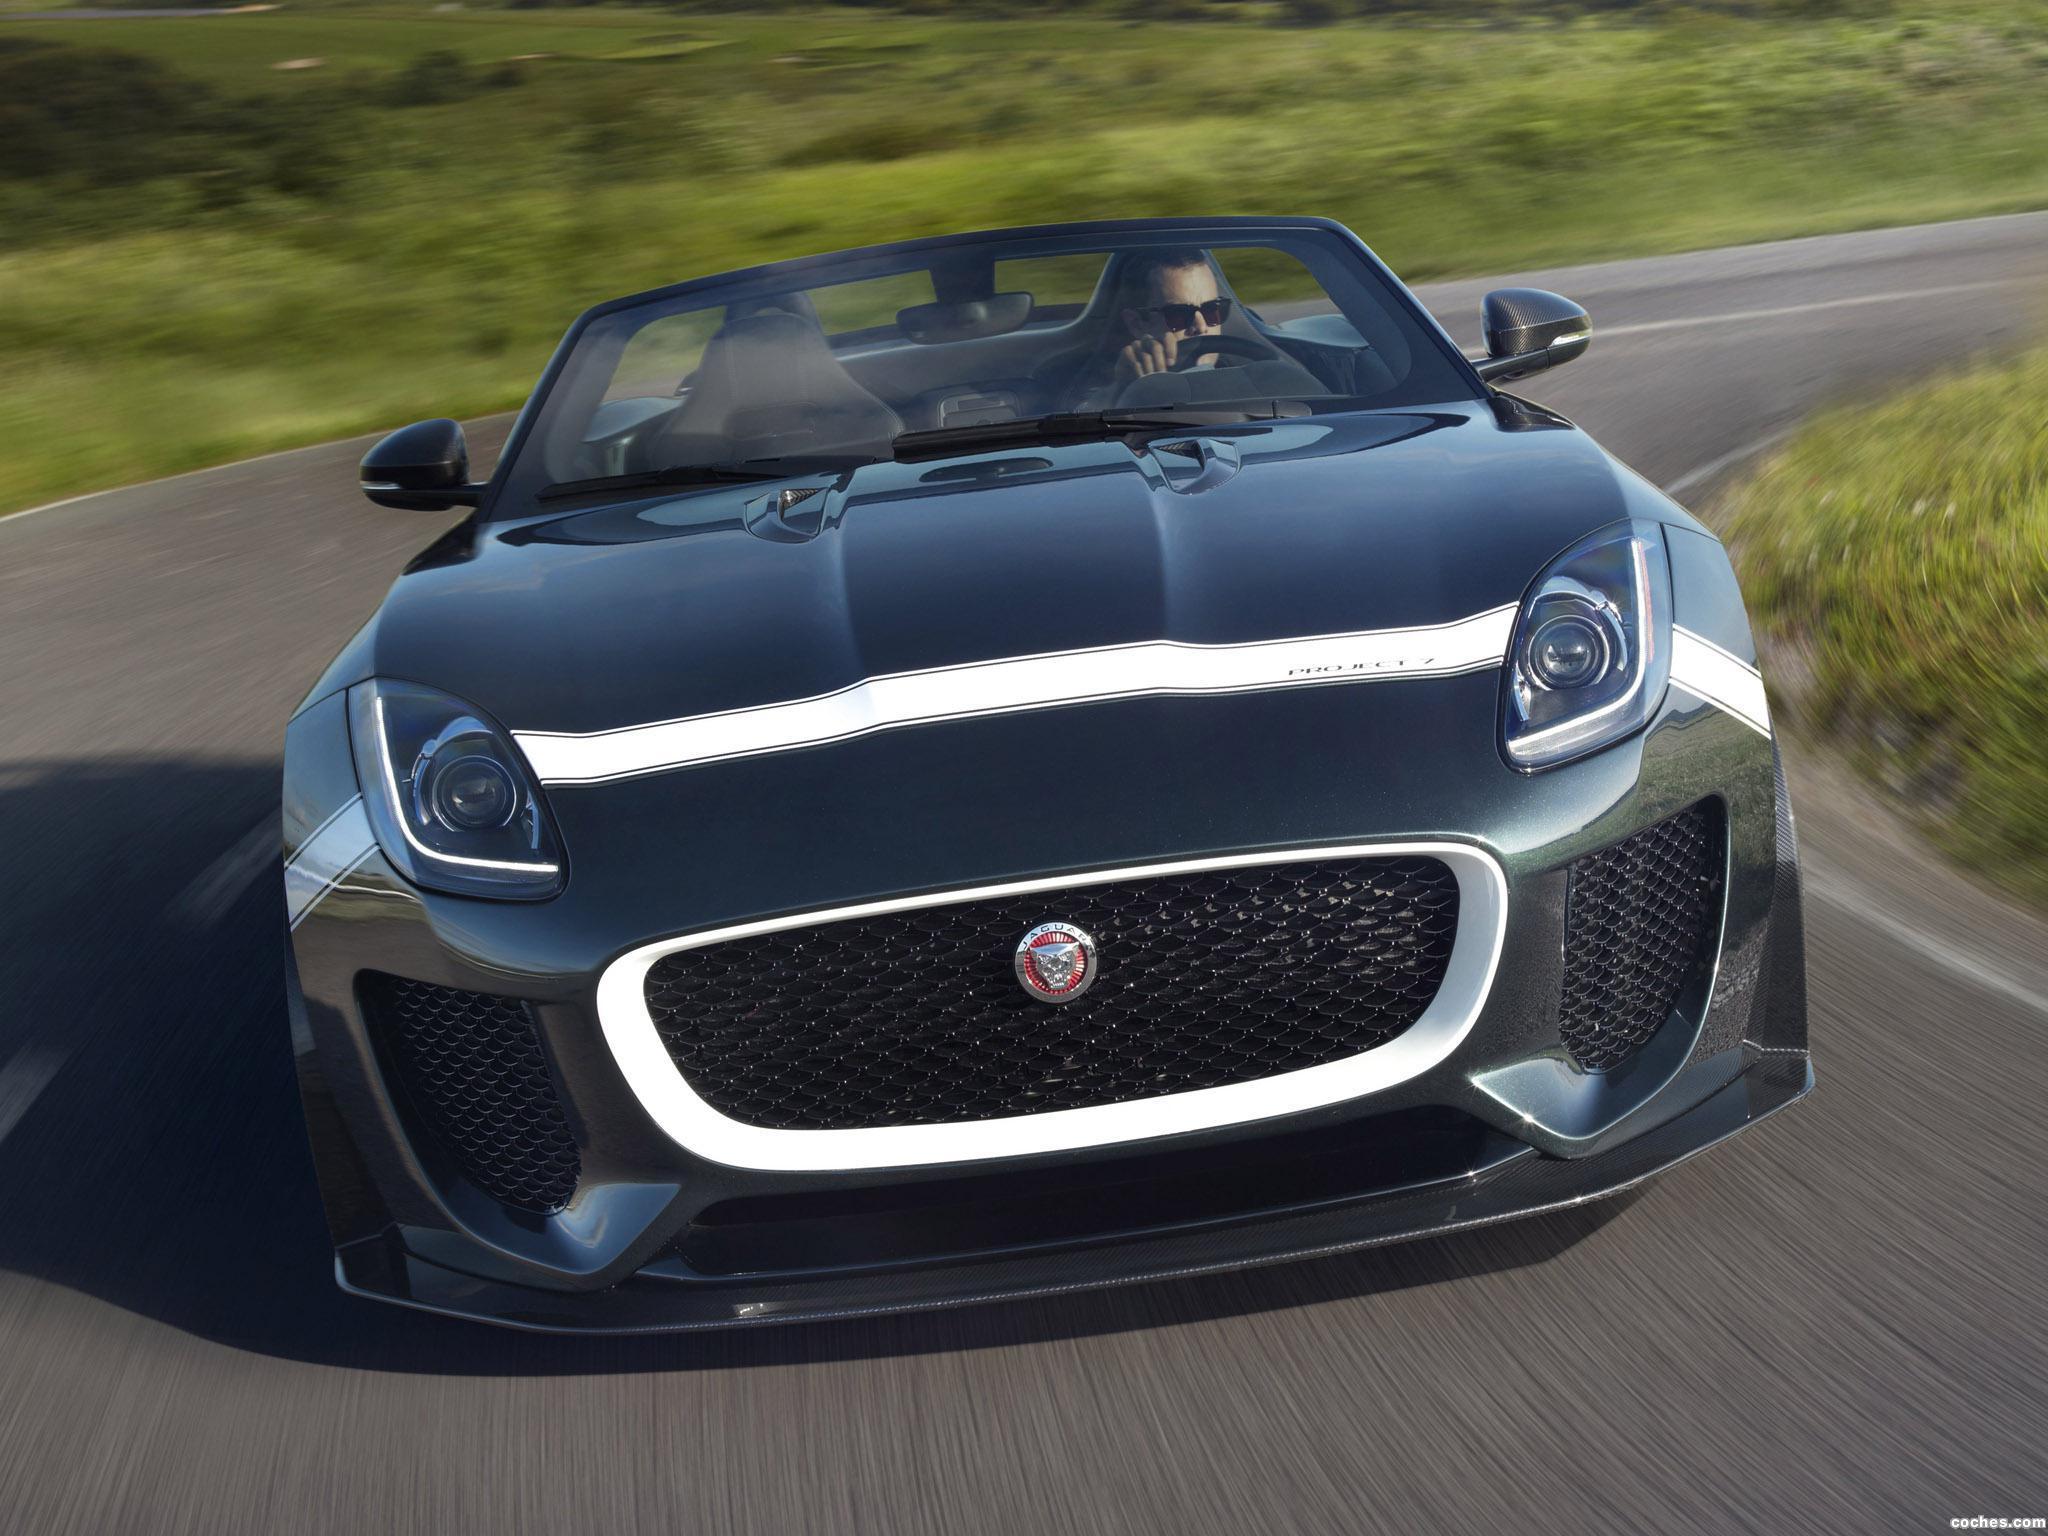 Foto 2 de Jaguar F-Type Project 7 2014